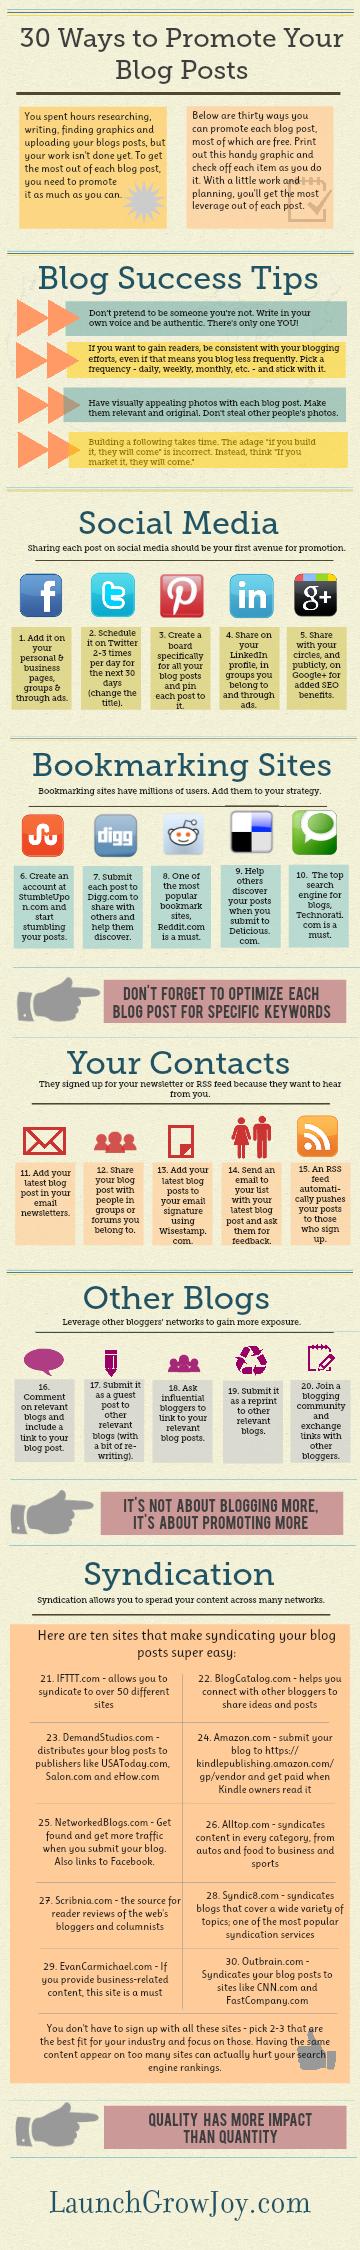 30 maneras de promocionar las publicaciones de tu blog